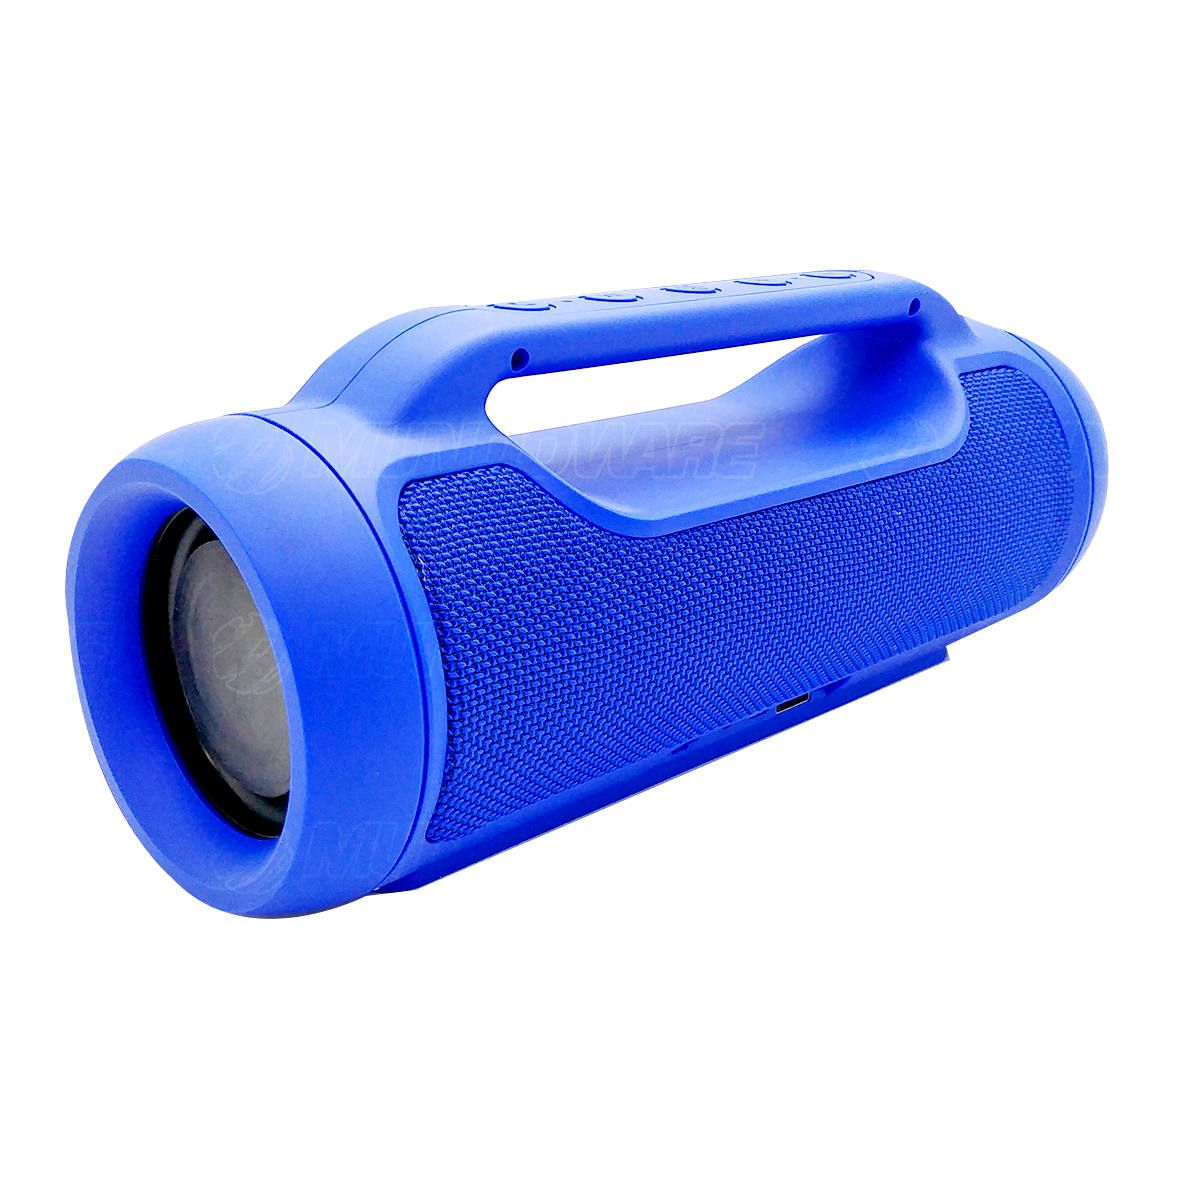 Caixa Portátil Bluetooth Soundbox Speaker com TWS FM P2 USB SD Mic 6W Duplo Auto-Falantes com Alça EXBOM M70BT Azul